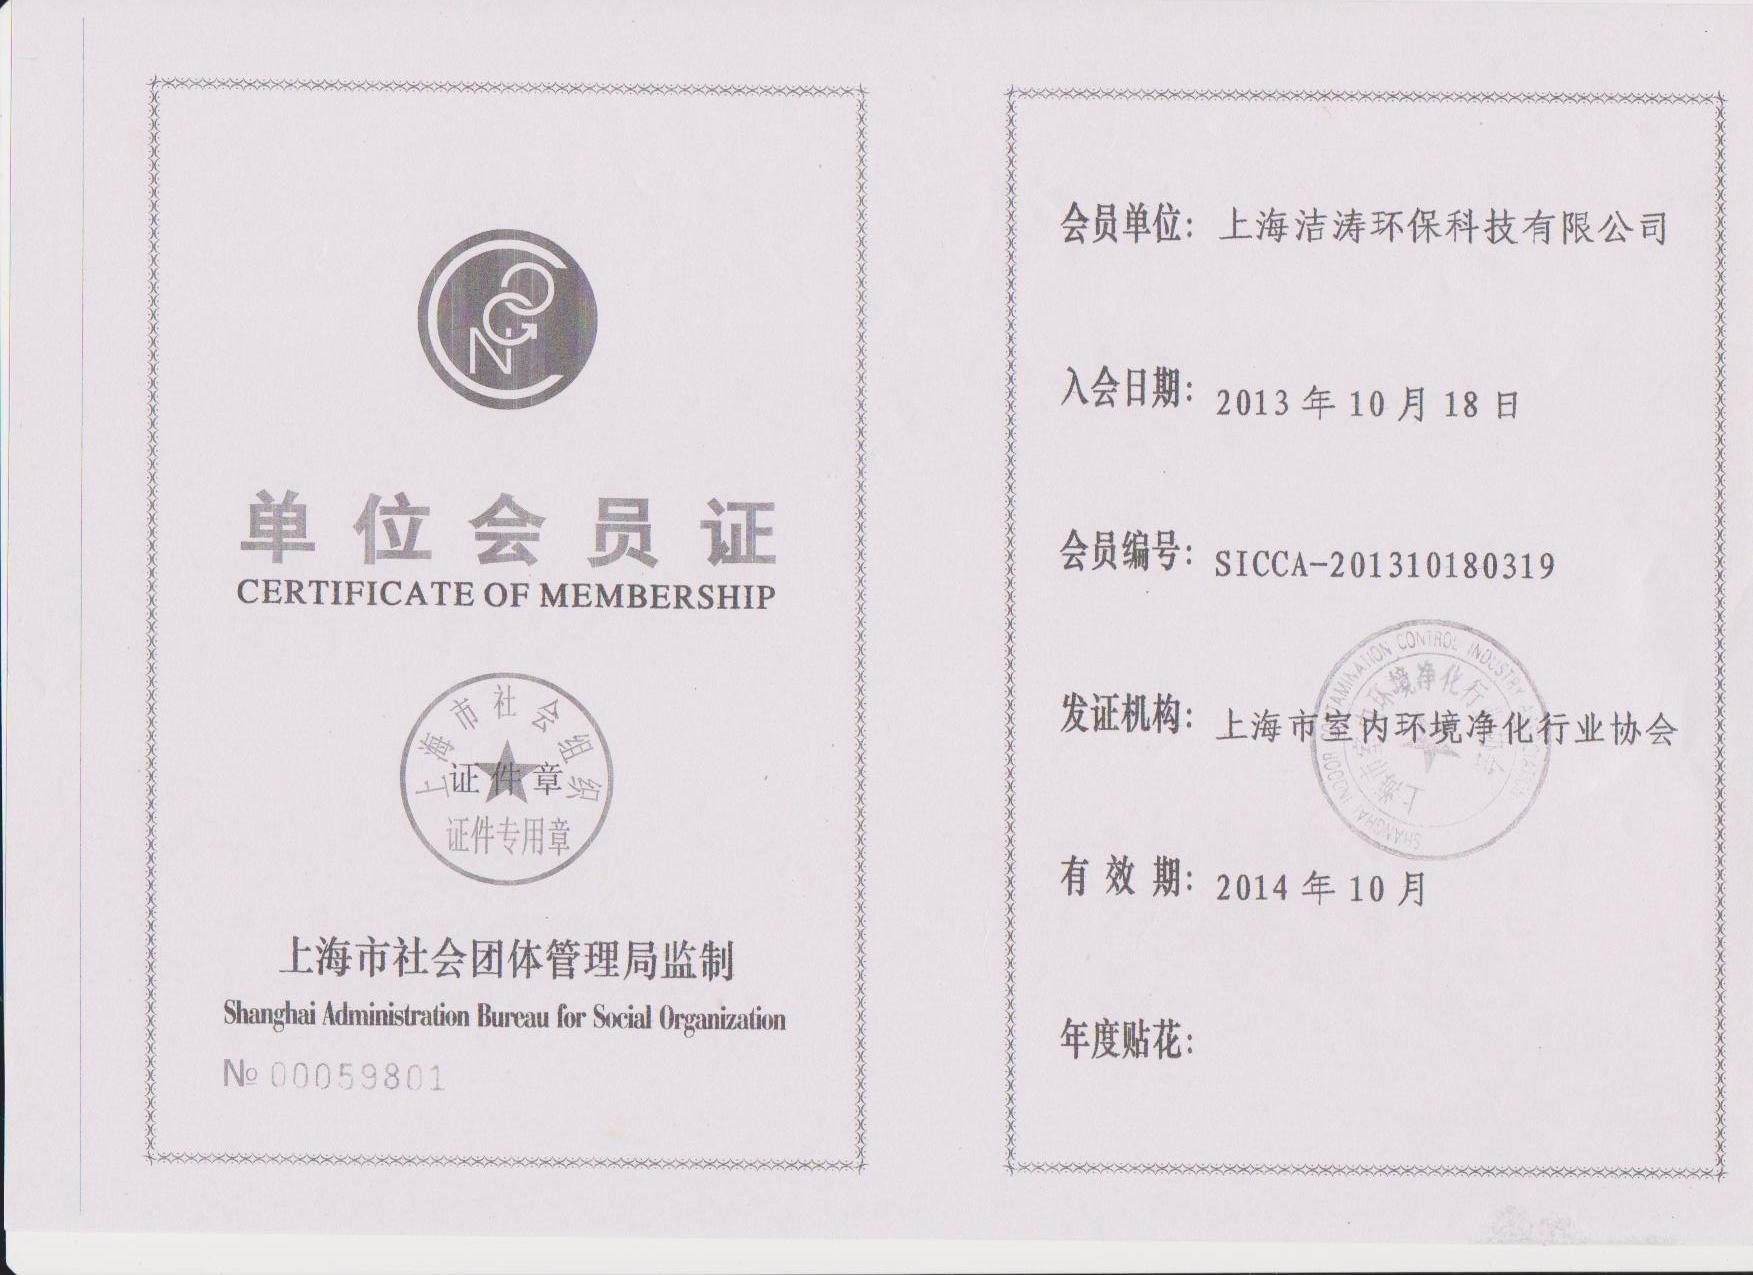 净化行业会员证书.jpg